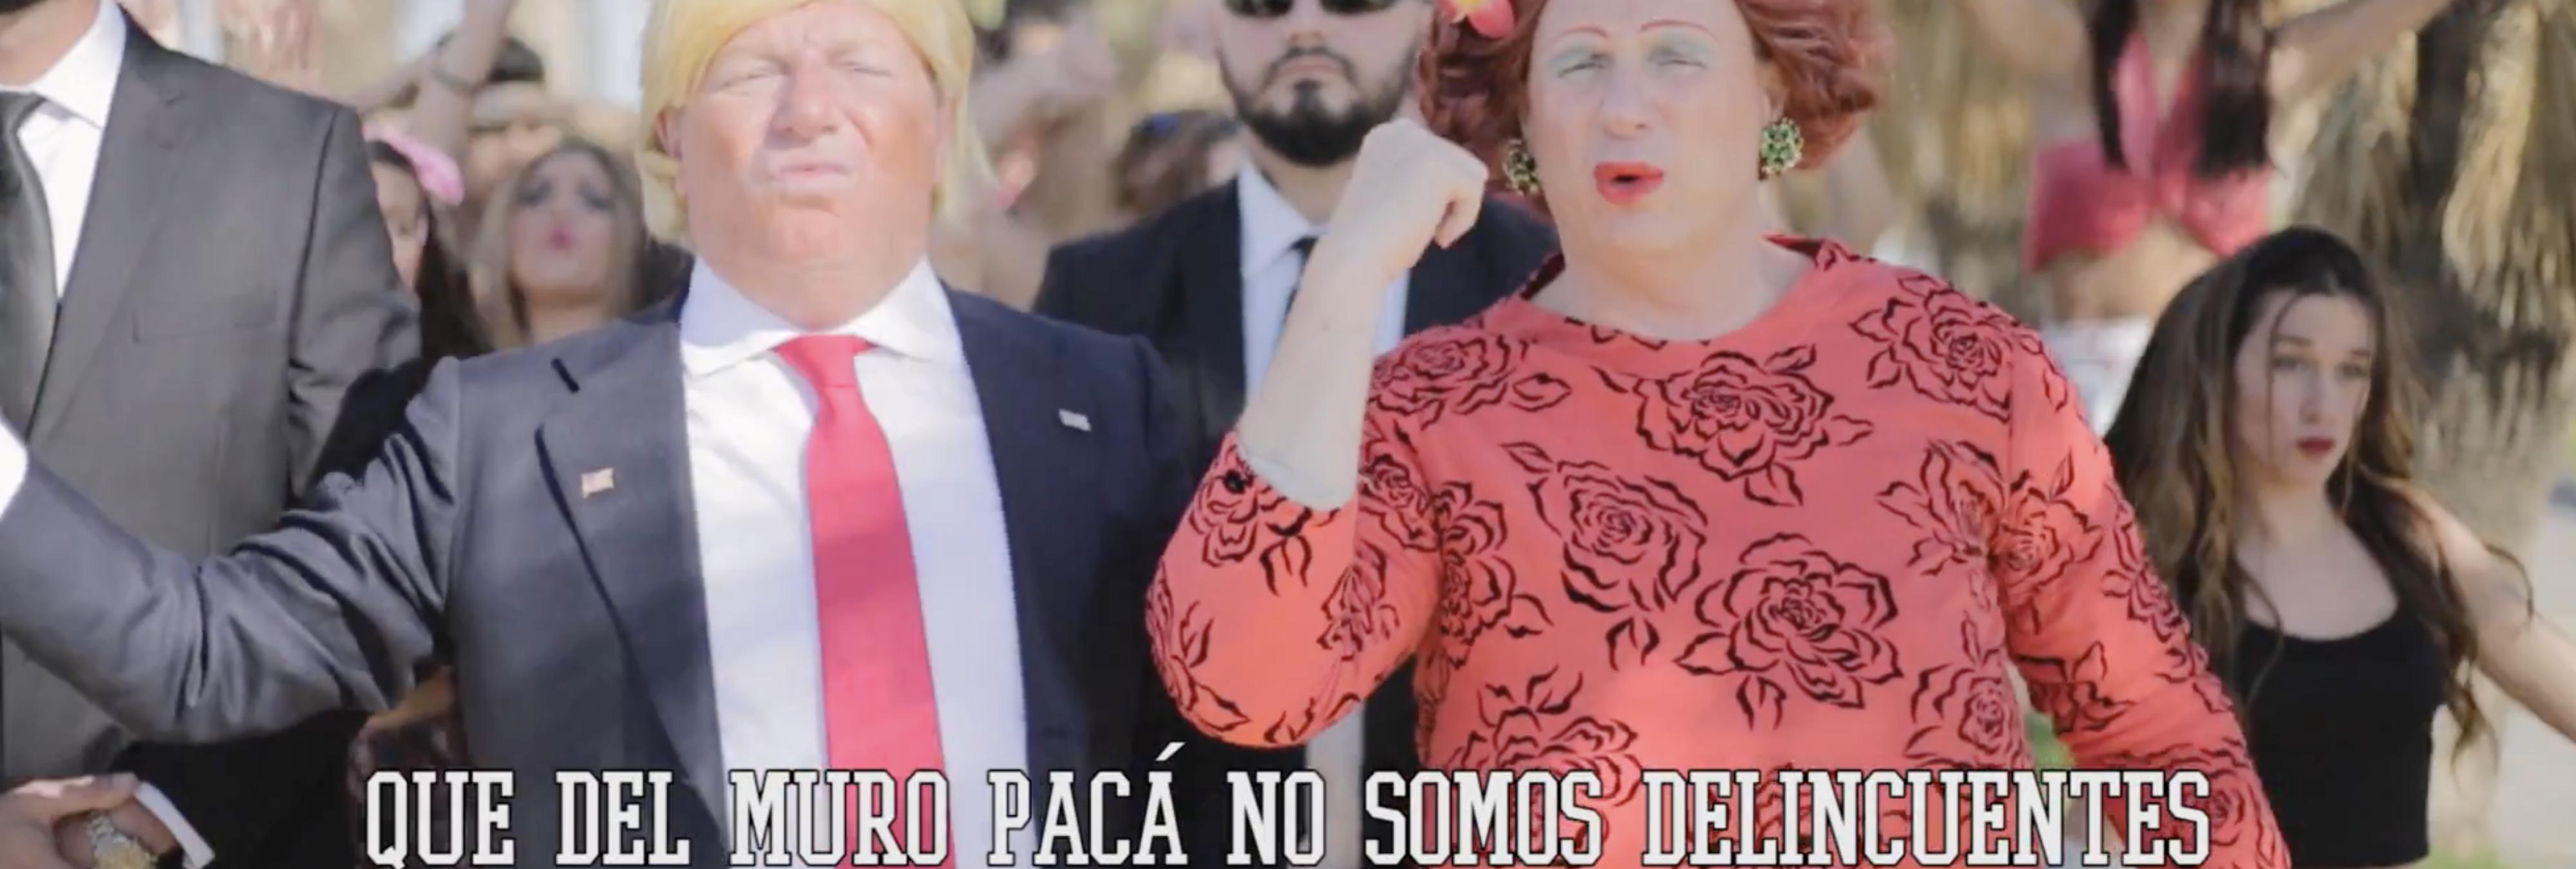 Los Morancos vuelven con una parodia contra Trump